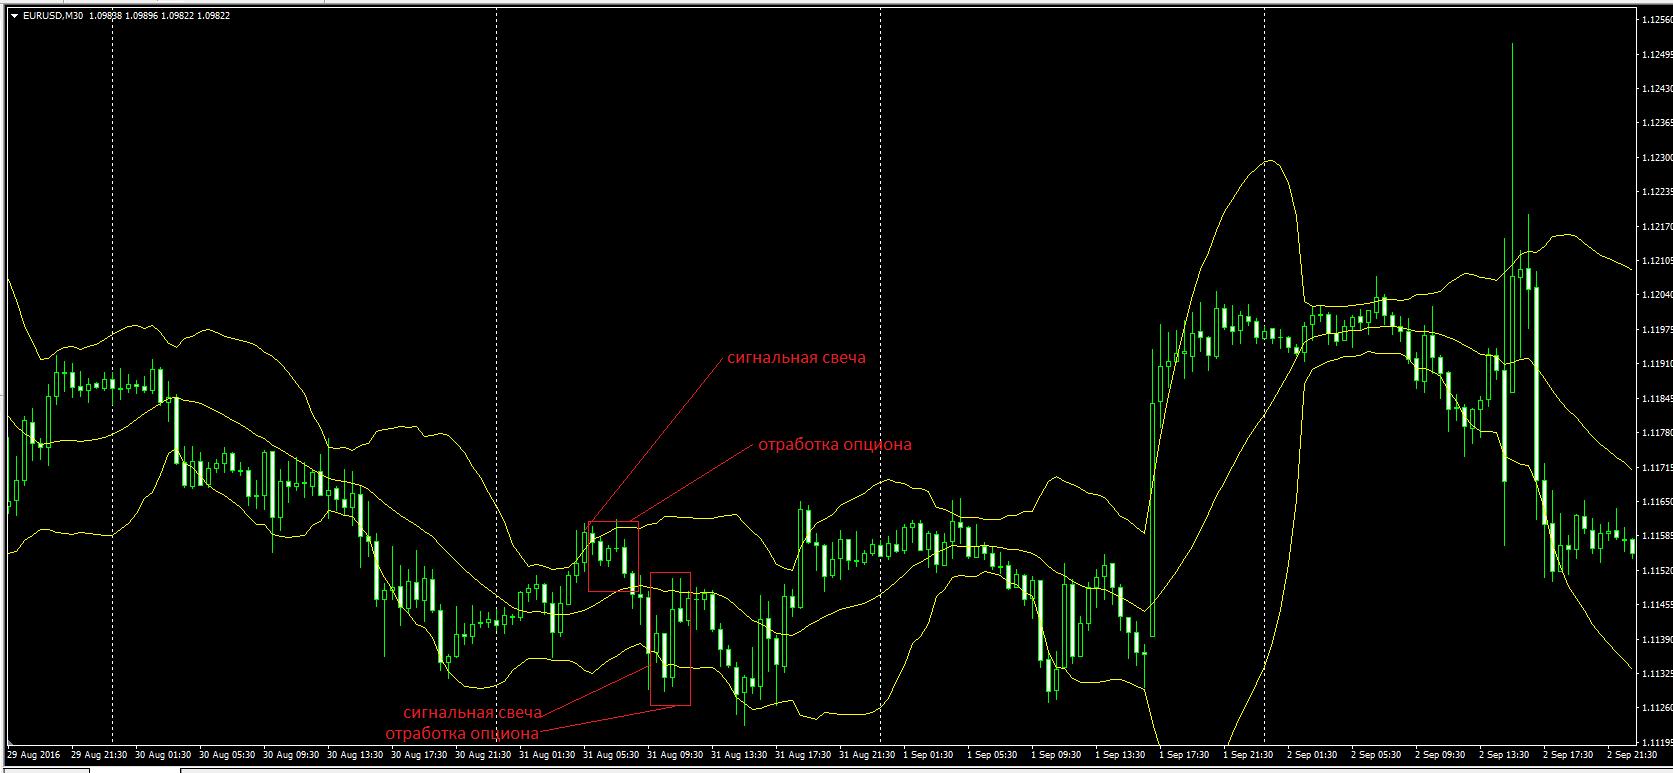 Новости для бинарных опционов доллар евро-6